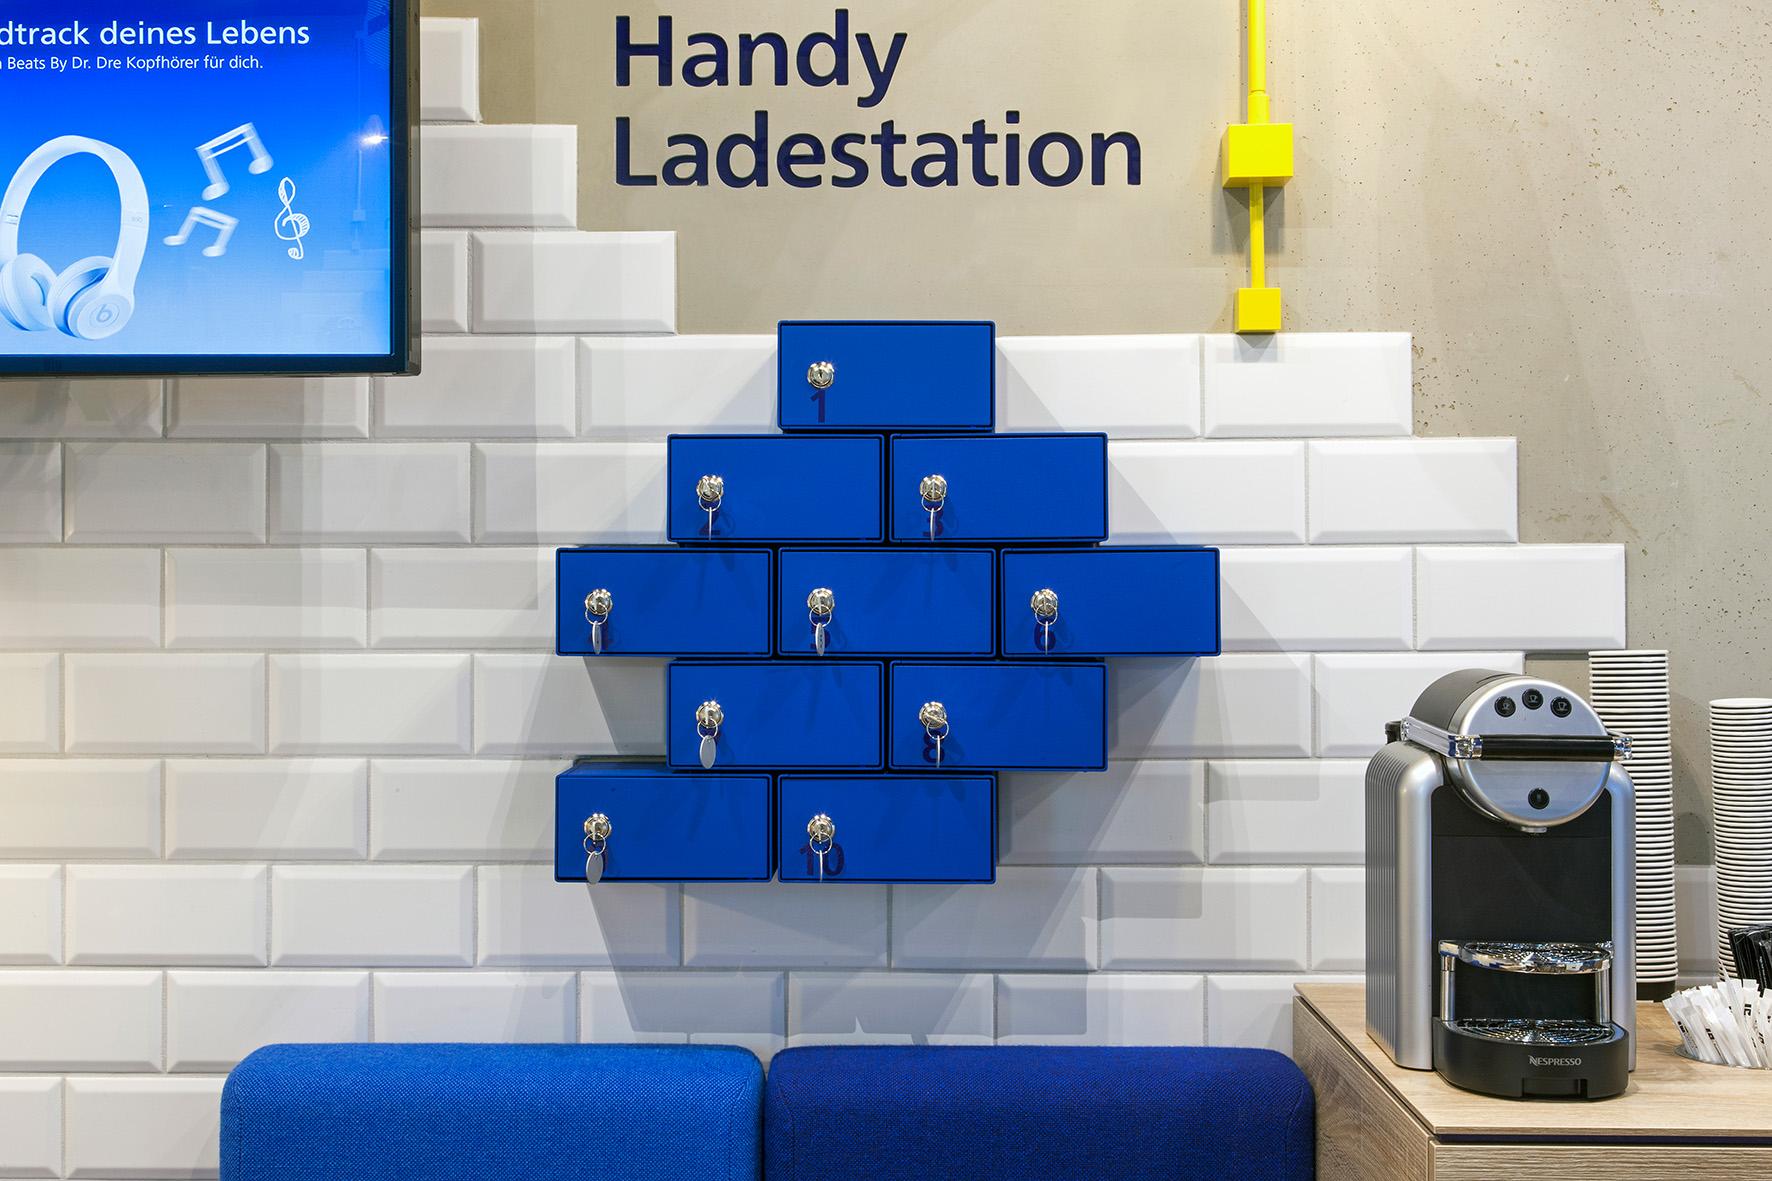 handy ladestation im o2 shop handy dsl tarif info. Black Bedroom Furniture Sets. Home Design Ideas